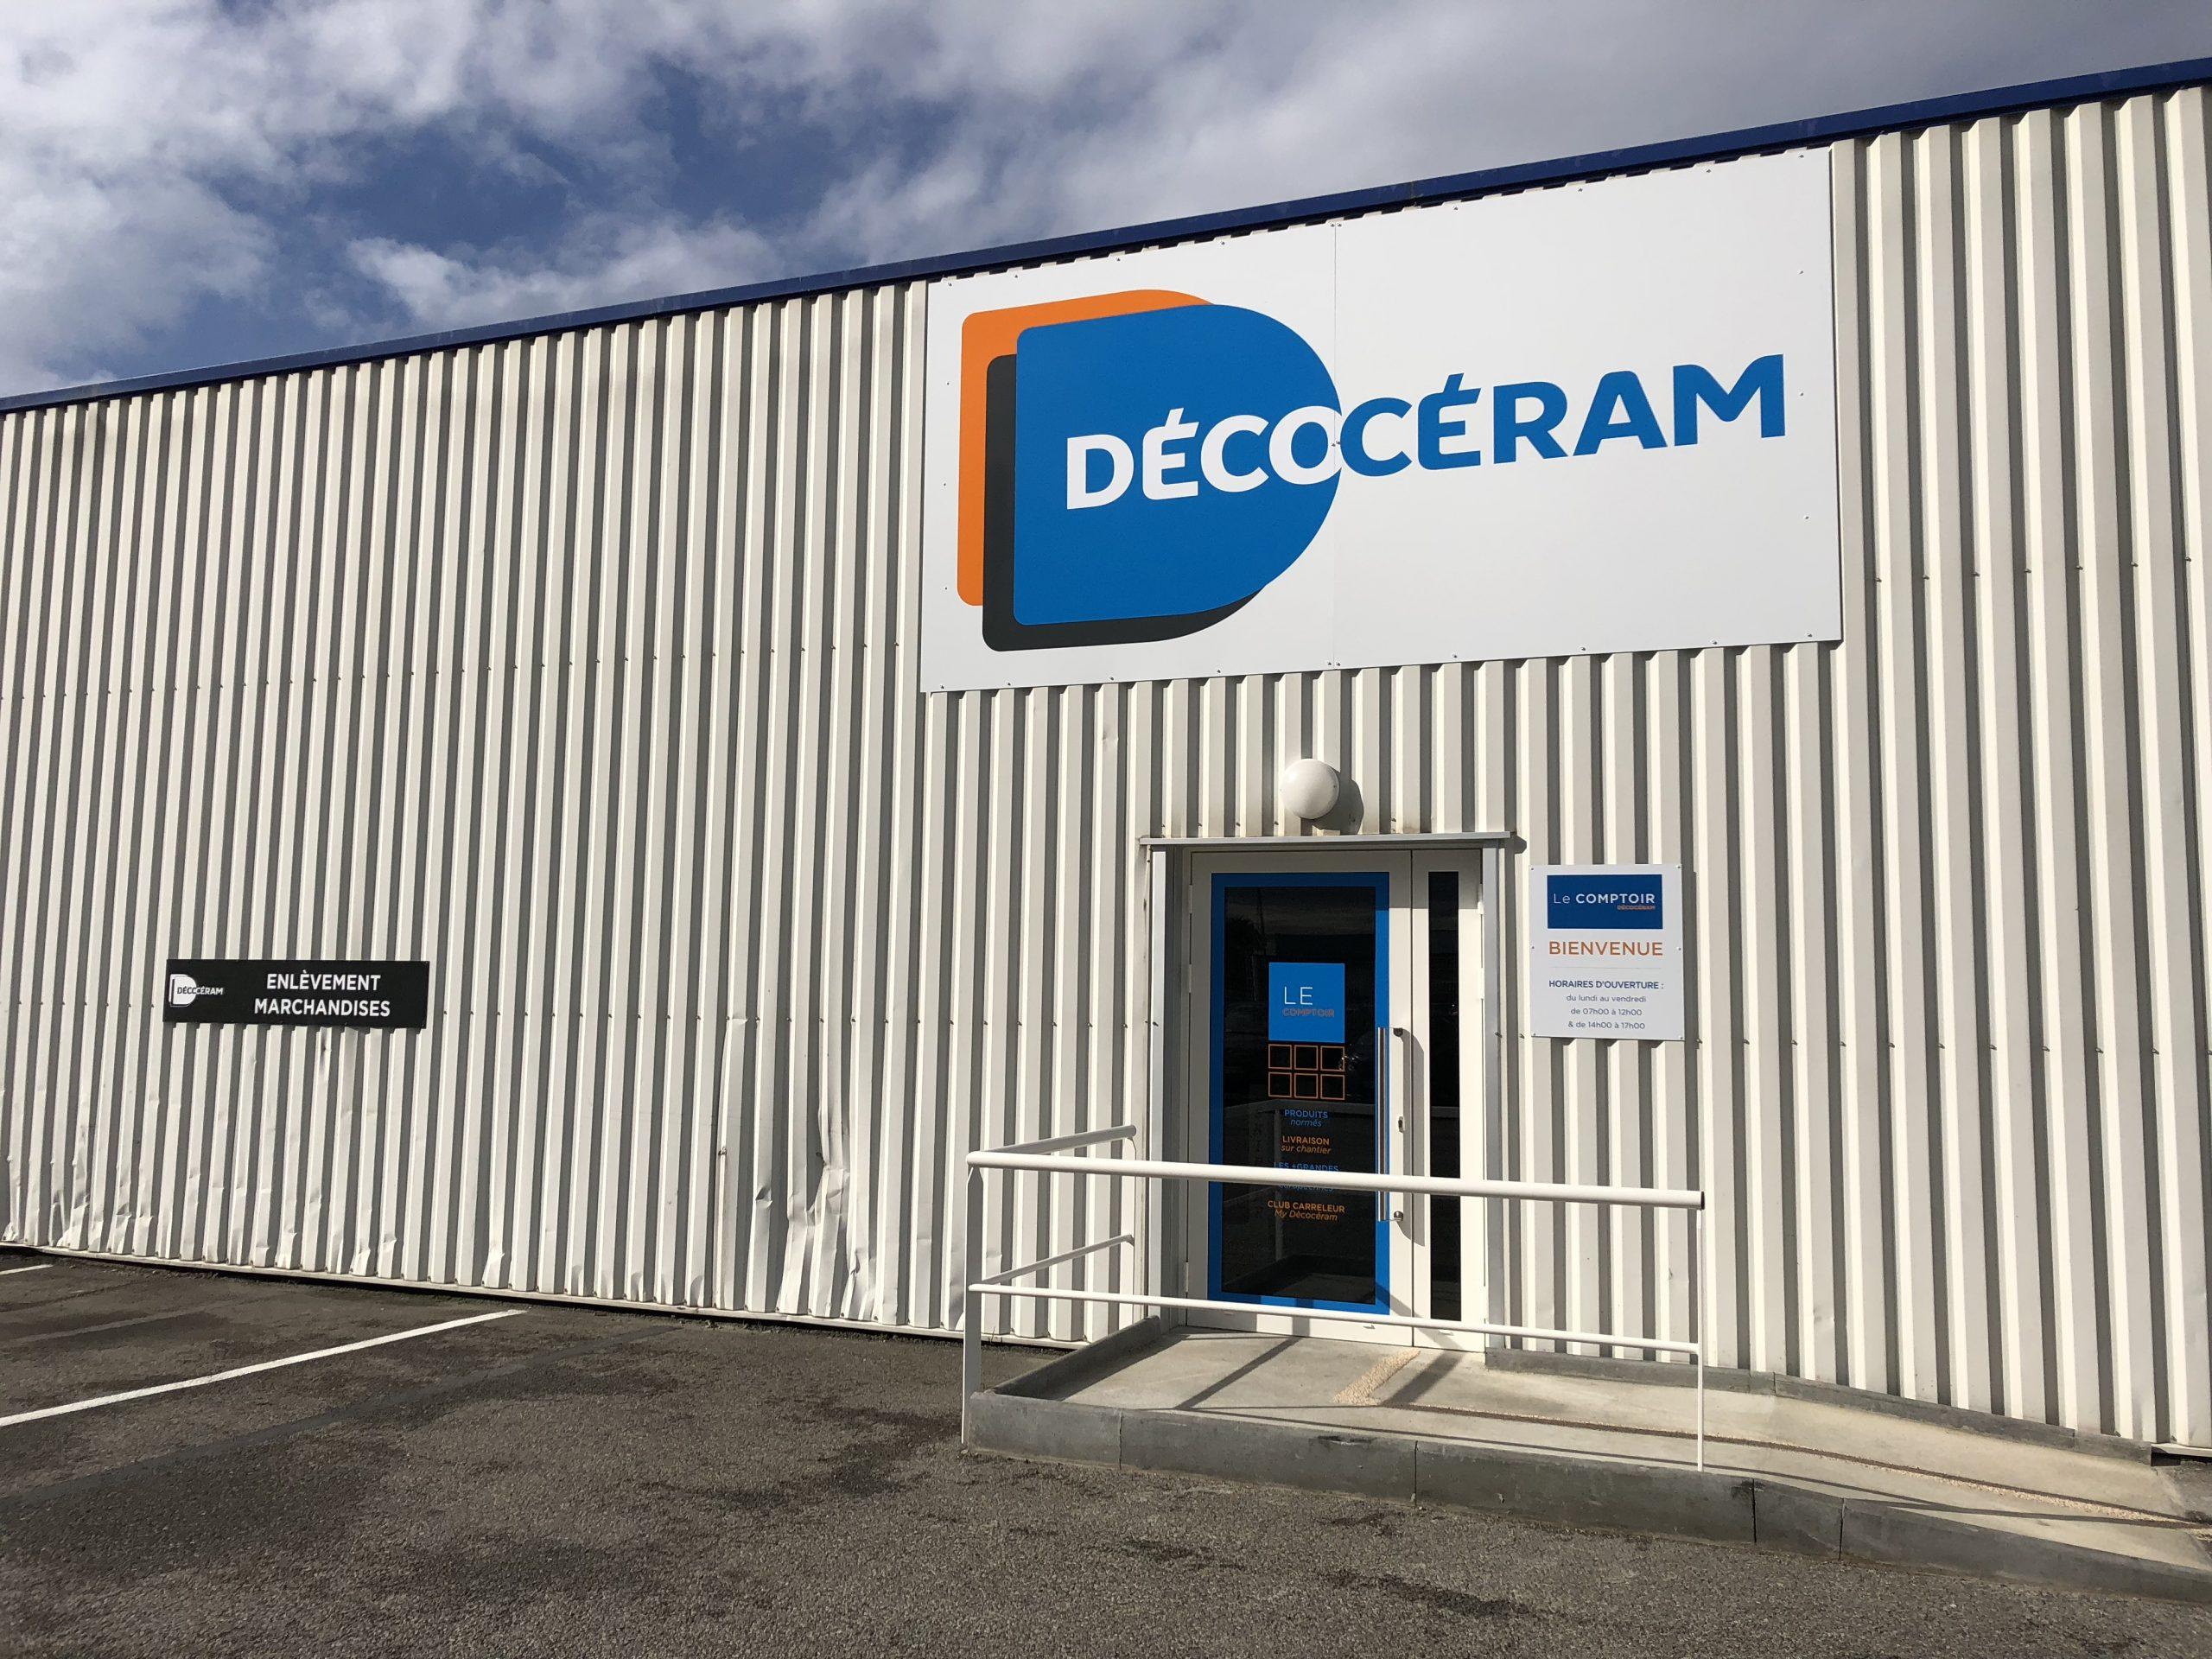 Magasin De Carrelage Décocéram À Portet Sur Garonne 31120. dedans Destock Carrelage Toulouse